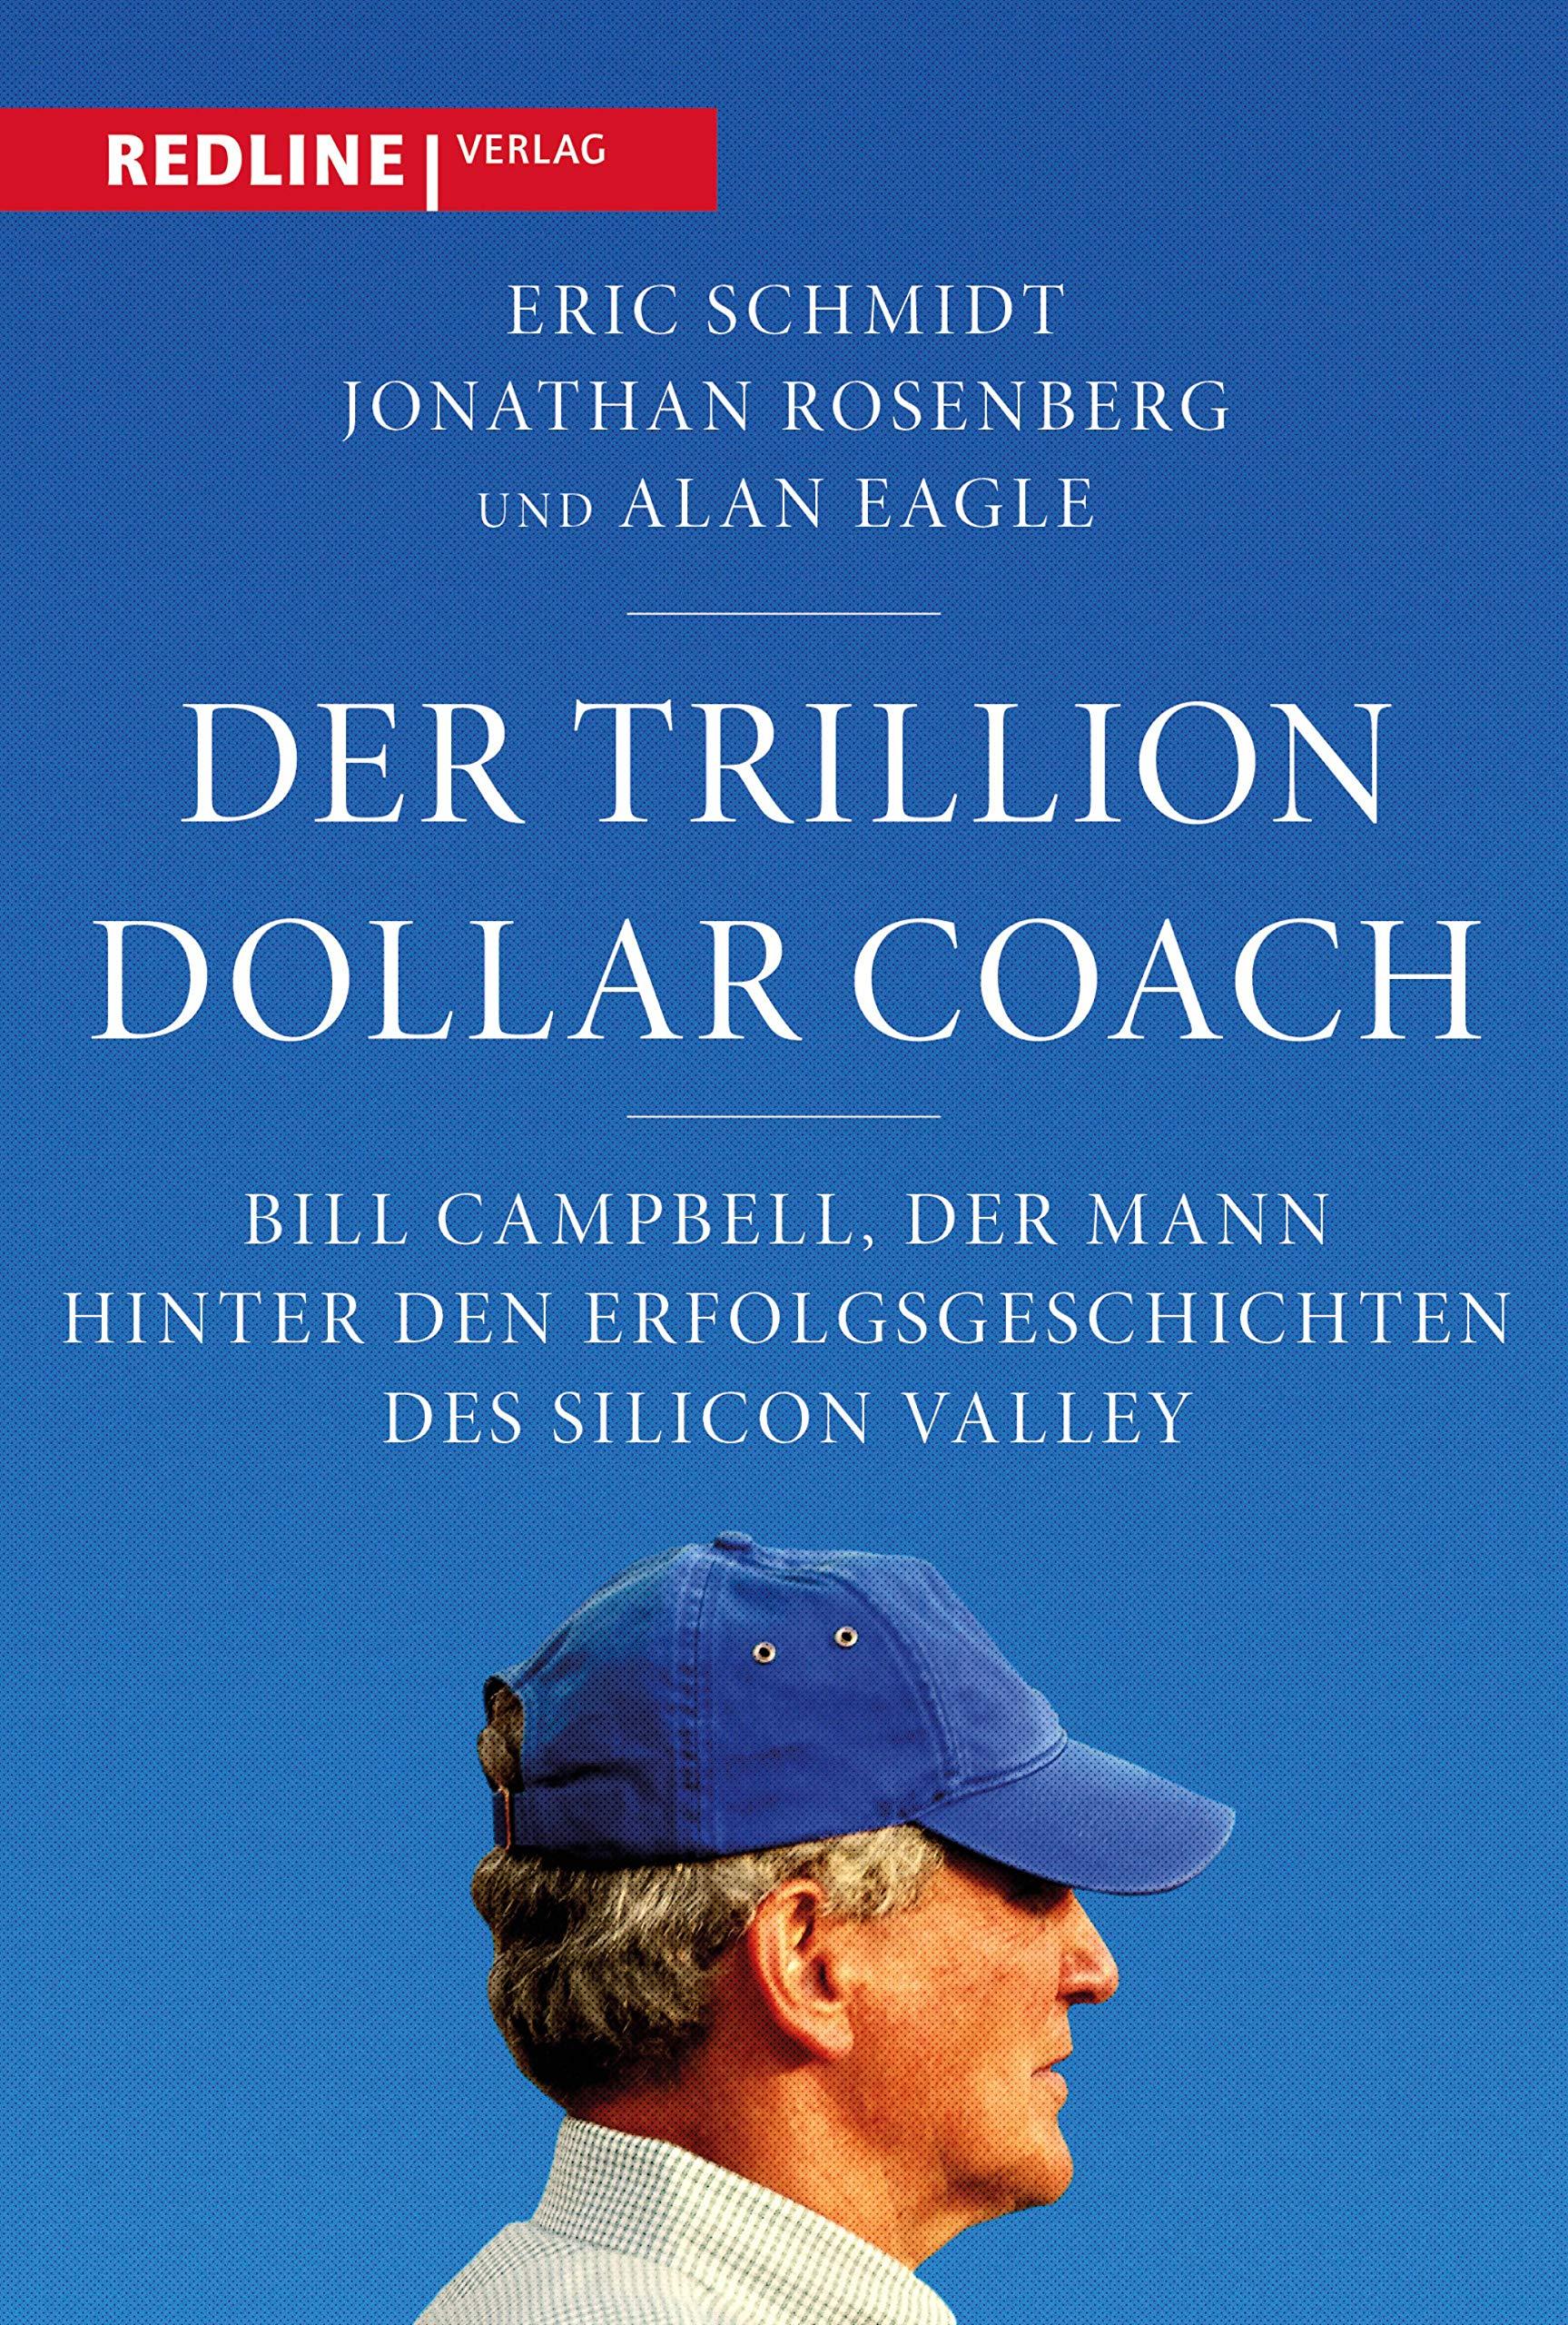 Der Trillion Dollar Coach: Bill Campbell, der Mann hinter den Erfolgsgeschichten des Silicon Valleys (German Edition)